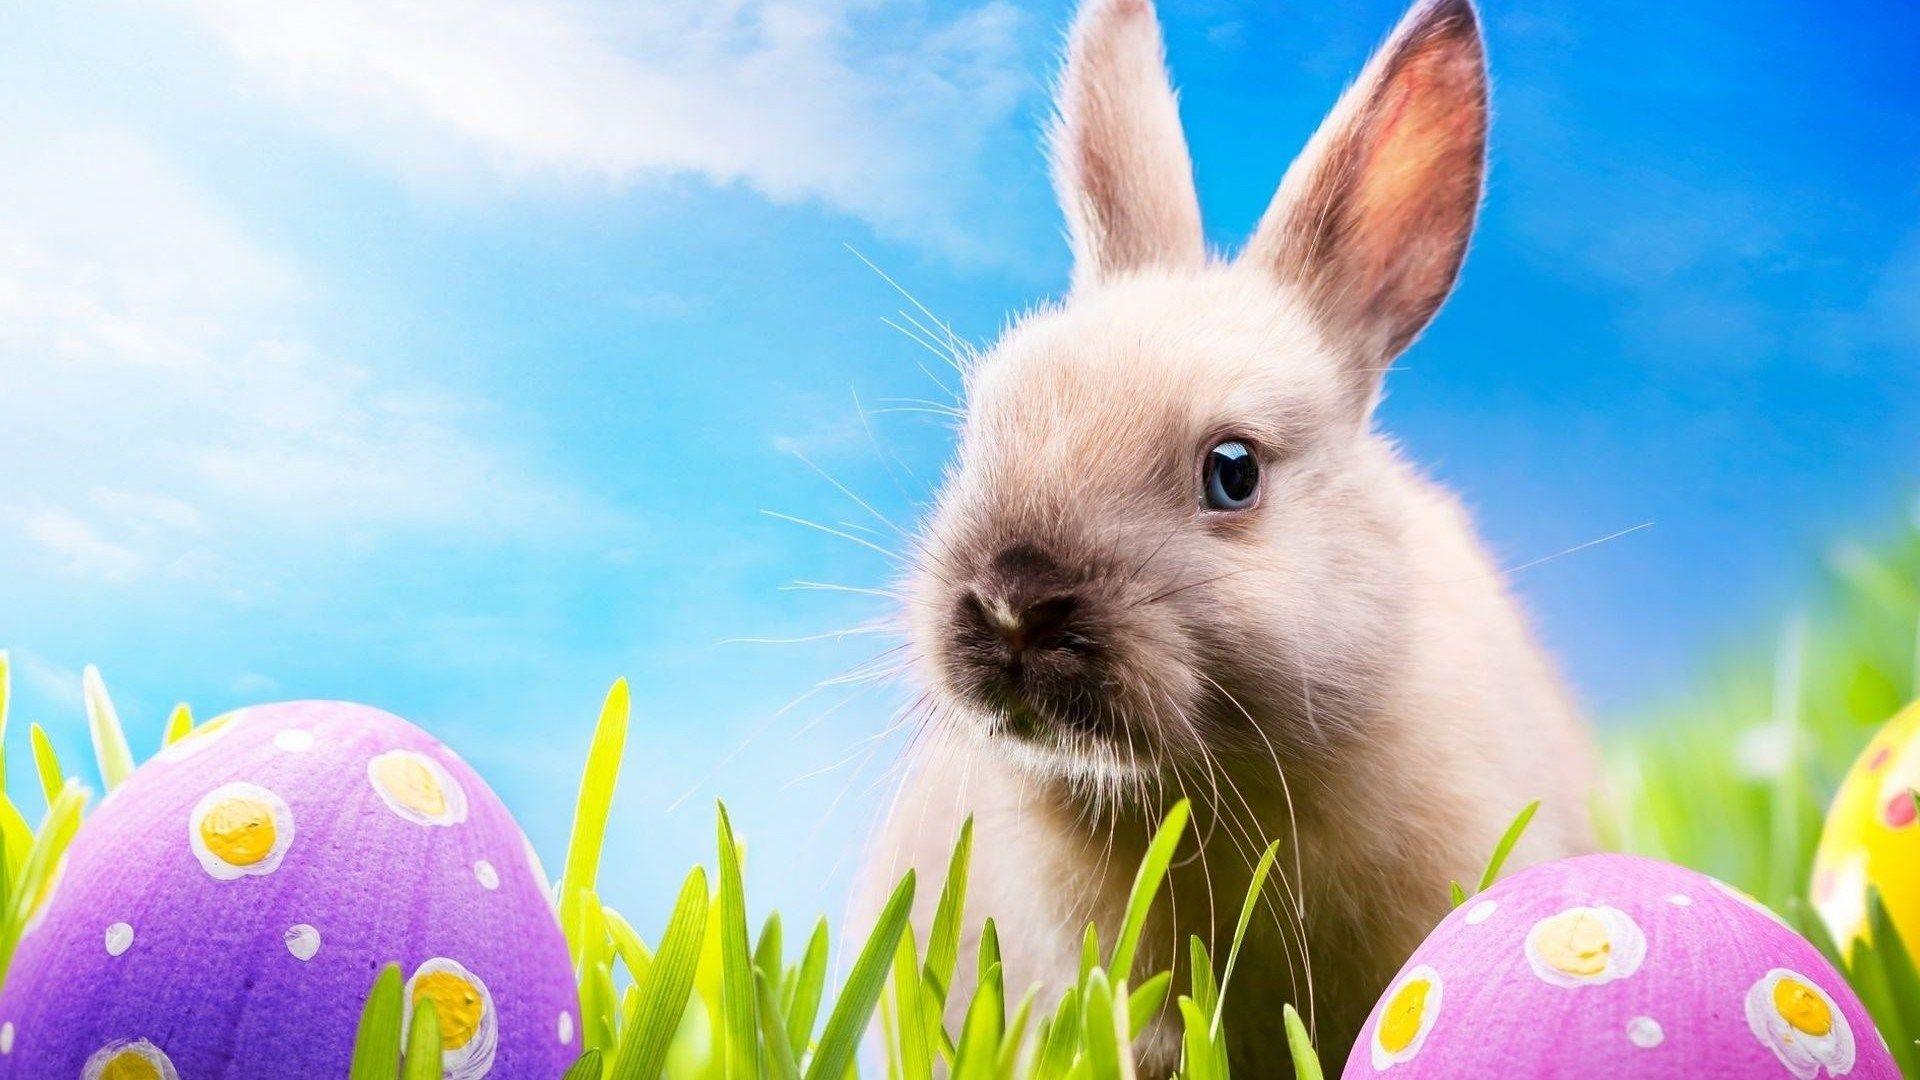 Bunny Desktop Backgrounds Wallpaper